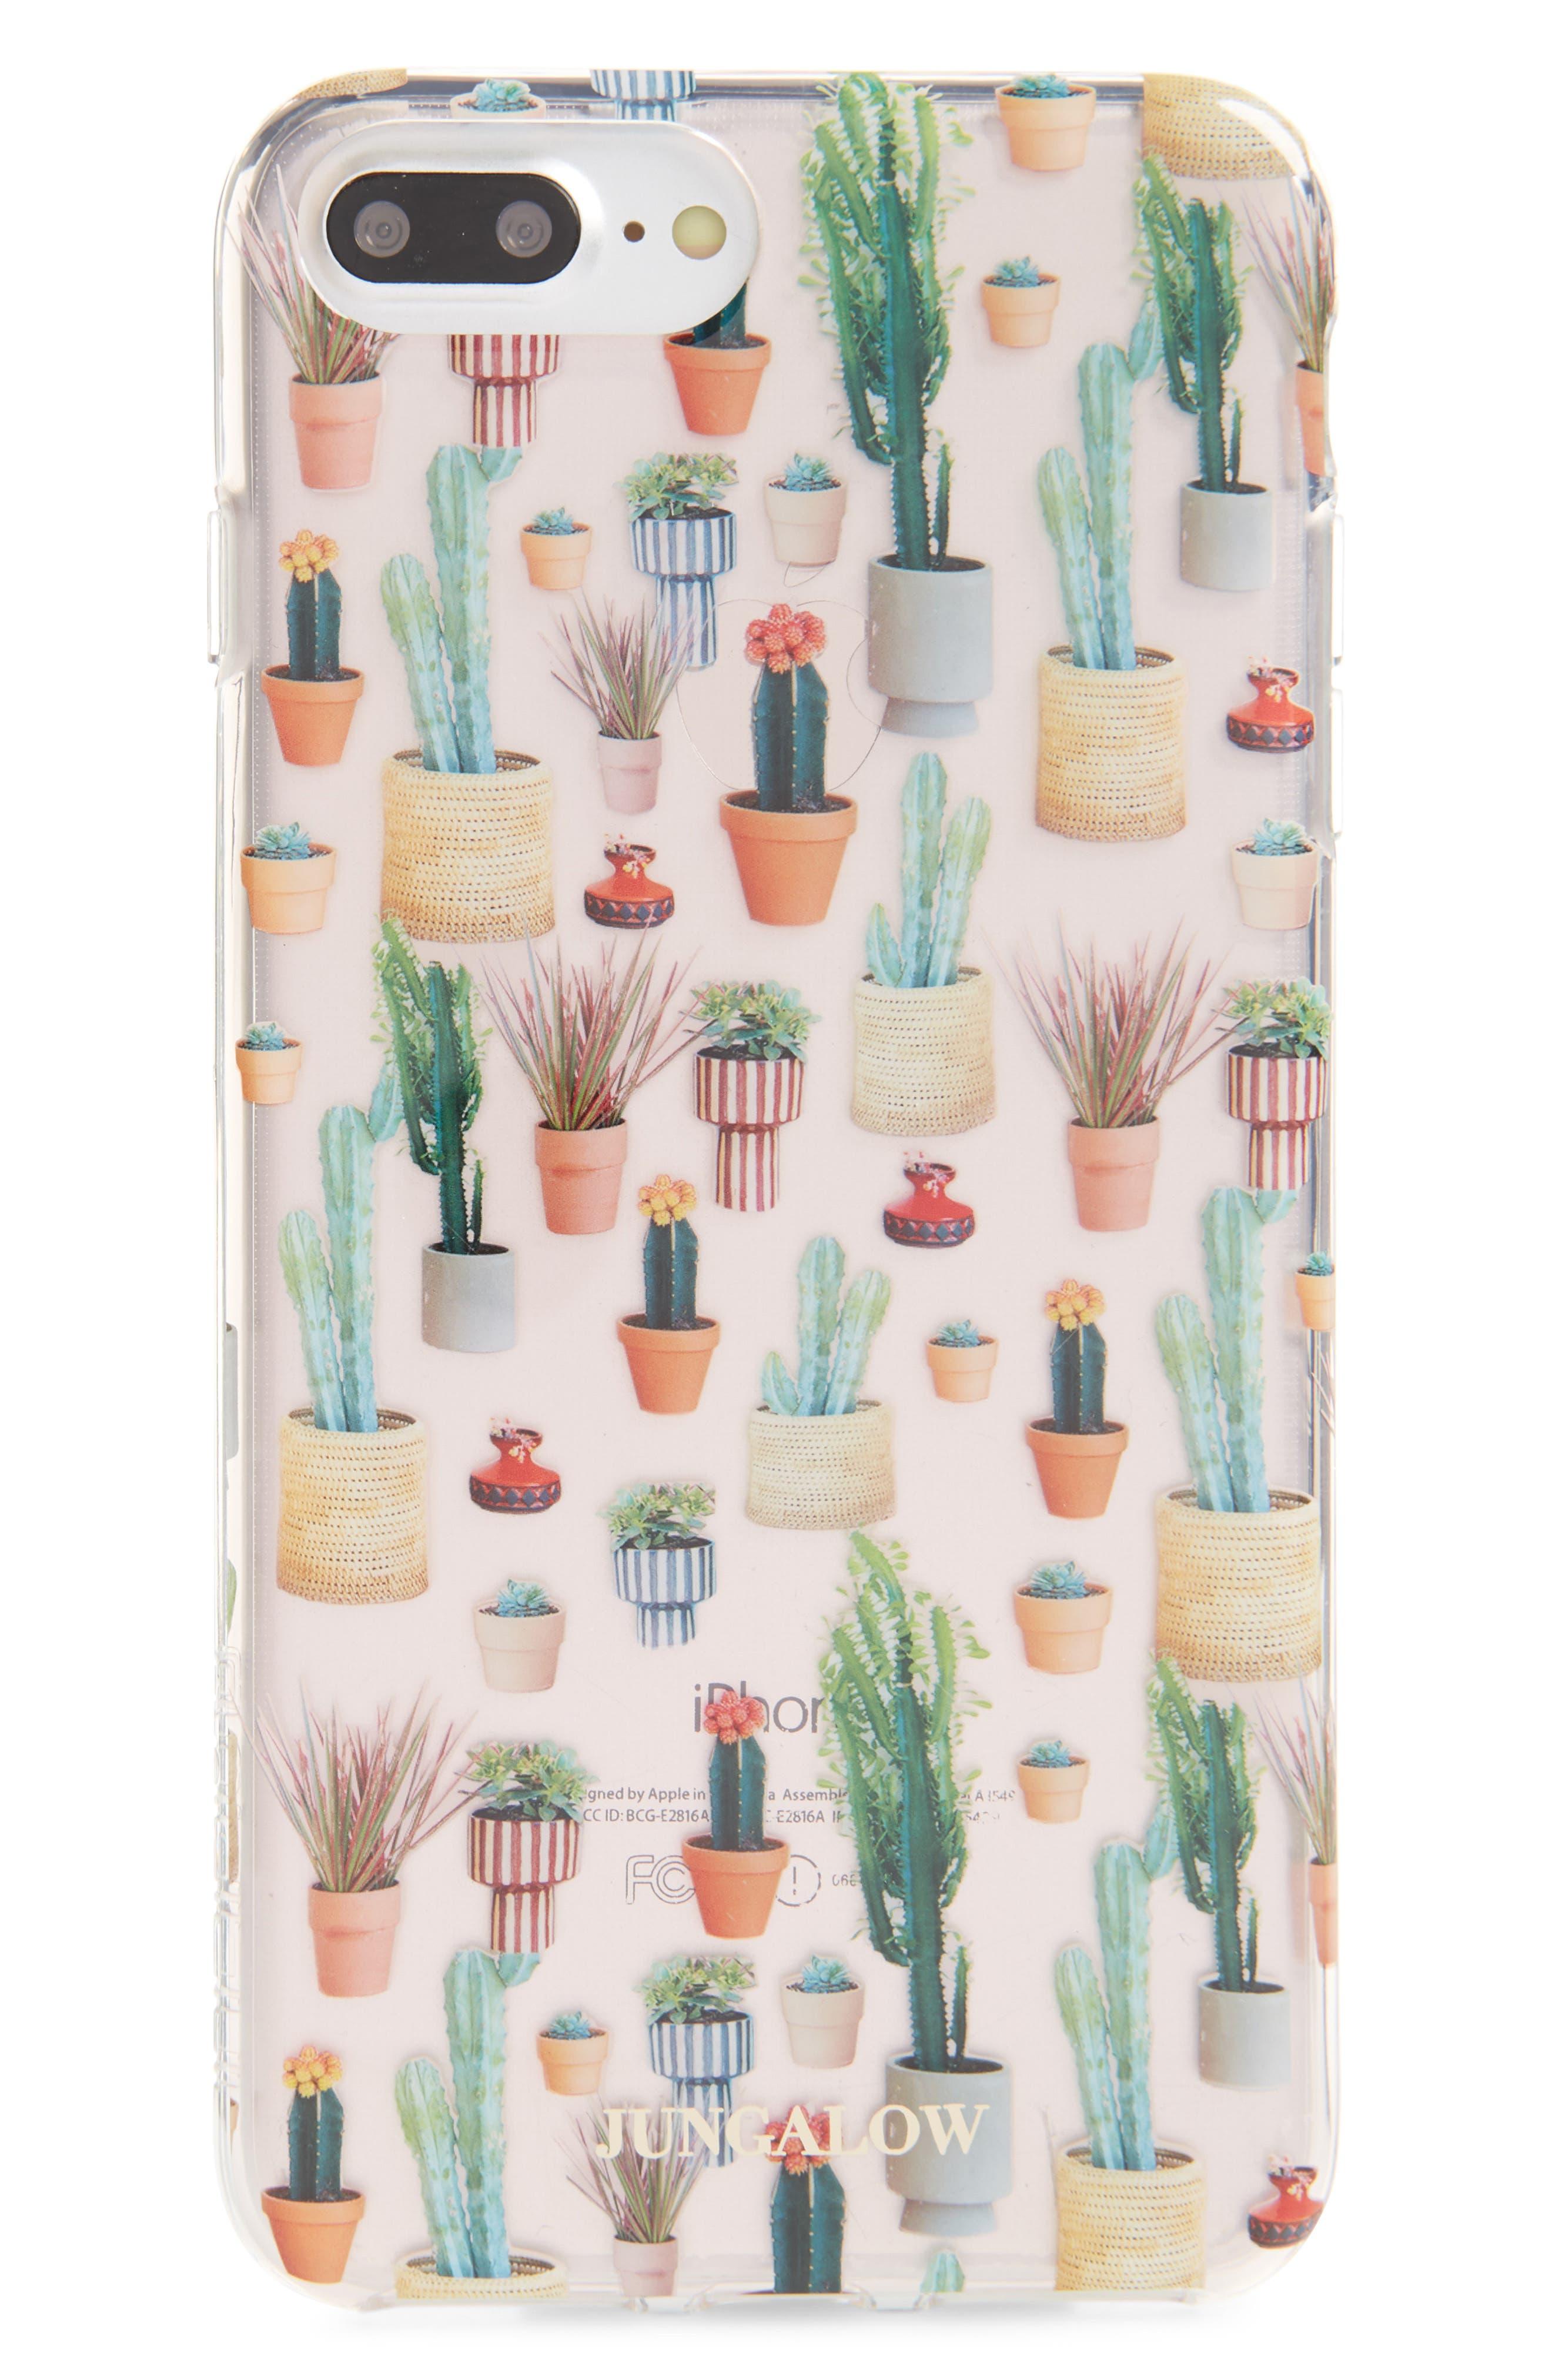 Jungalow Potted Plant iPhone 7/8 & 7/8 Plus Case,                             Main thumbnail 1, color,